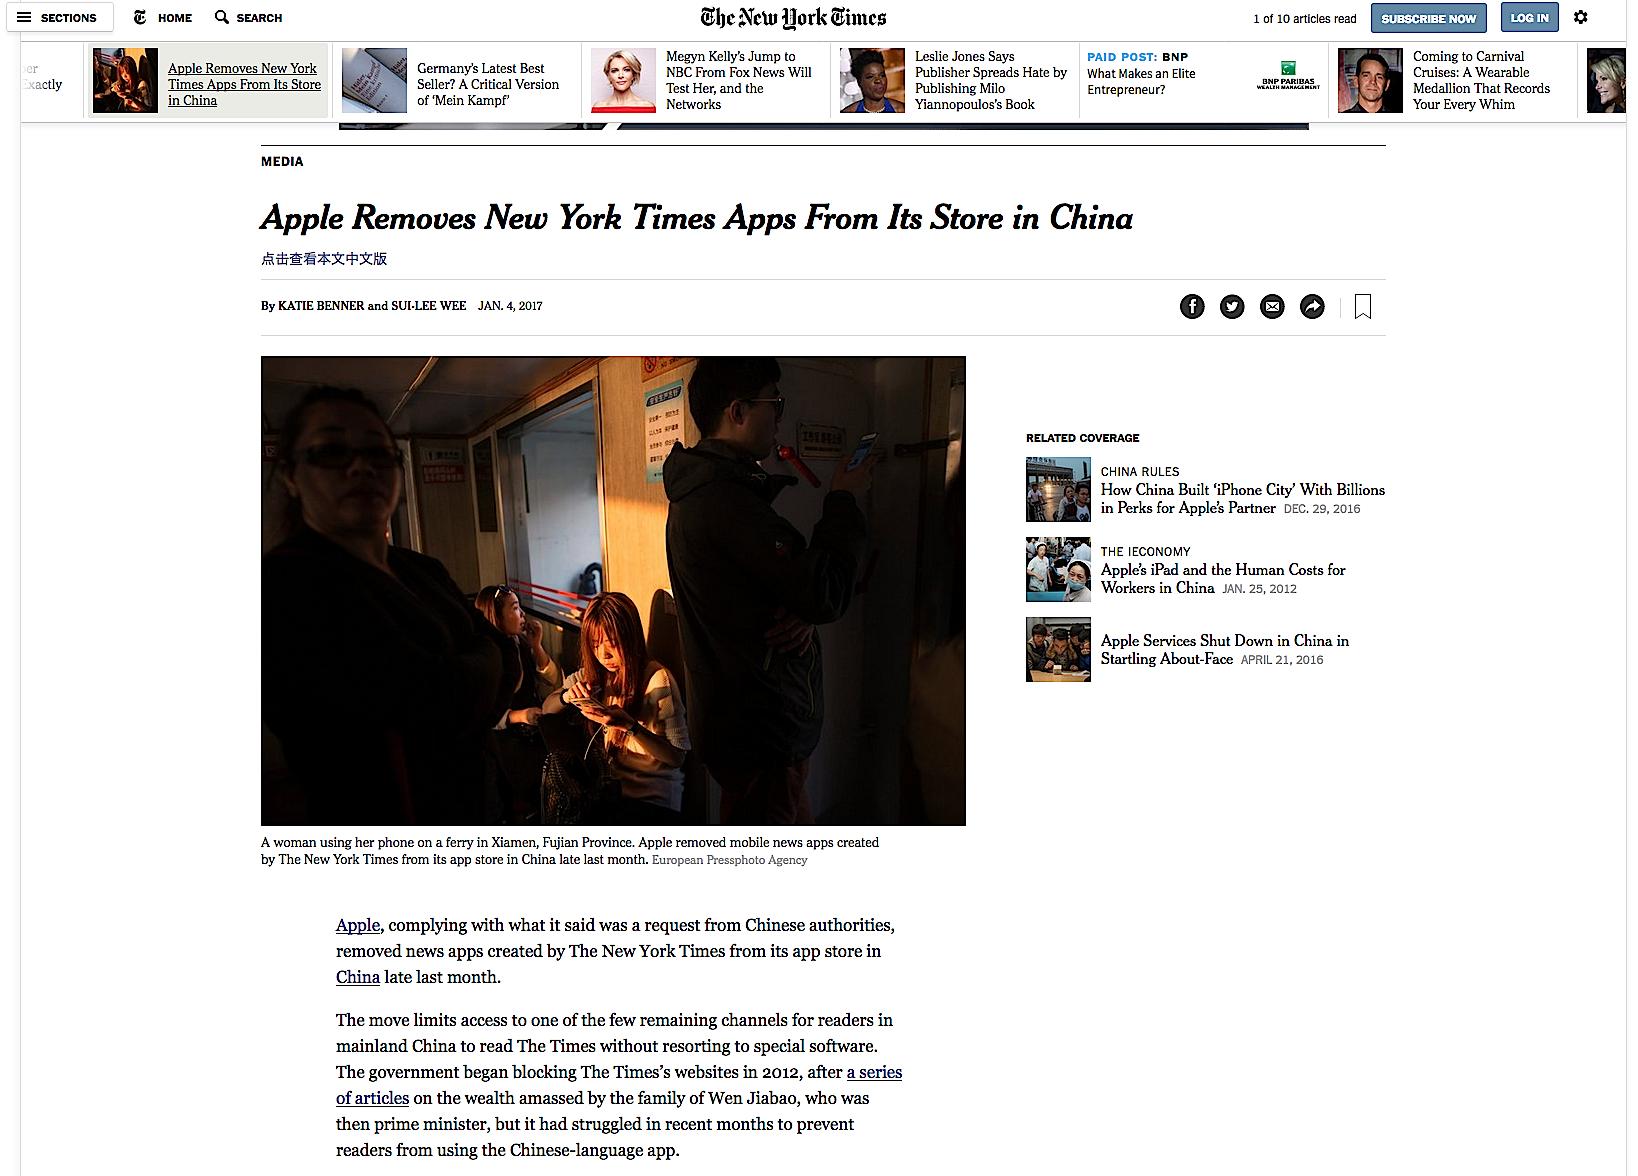 Die New York Times ist seit dem 23. Dezember nicht mehr im chinesischen App Store verfügbar. Erklärungen zum Hintergrund verweigern Apple und die chinesischen Behörden.